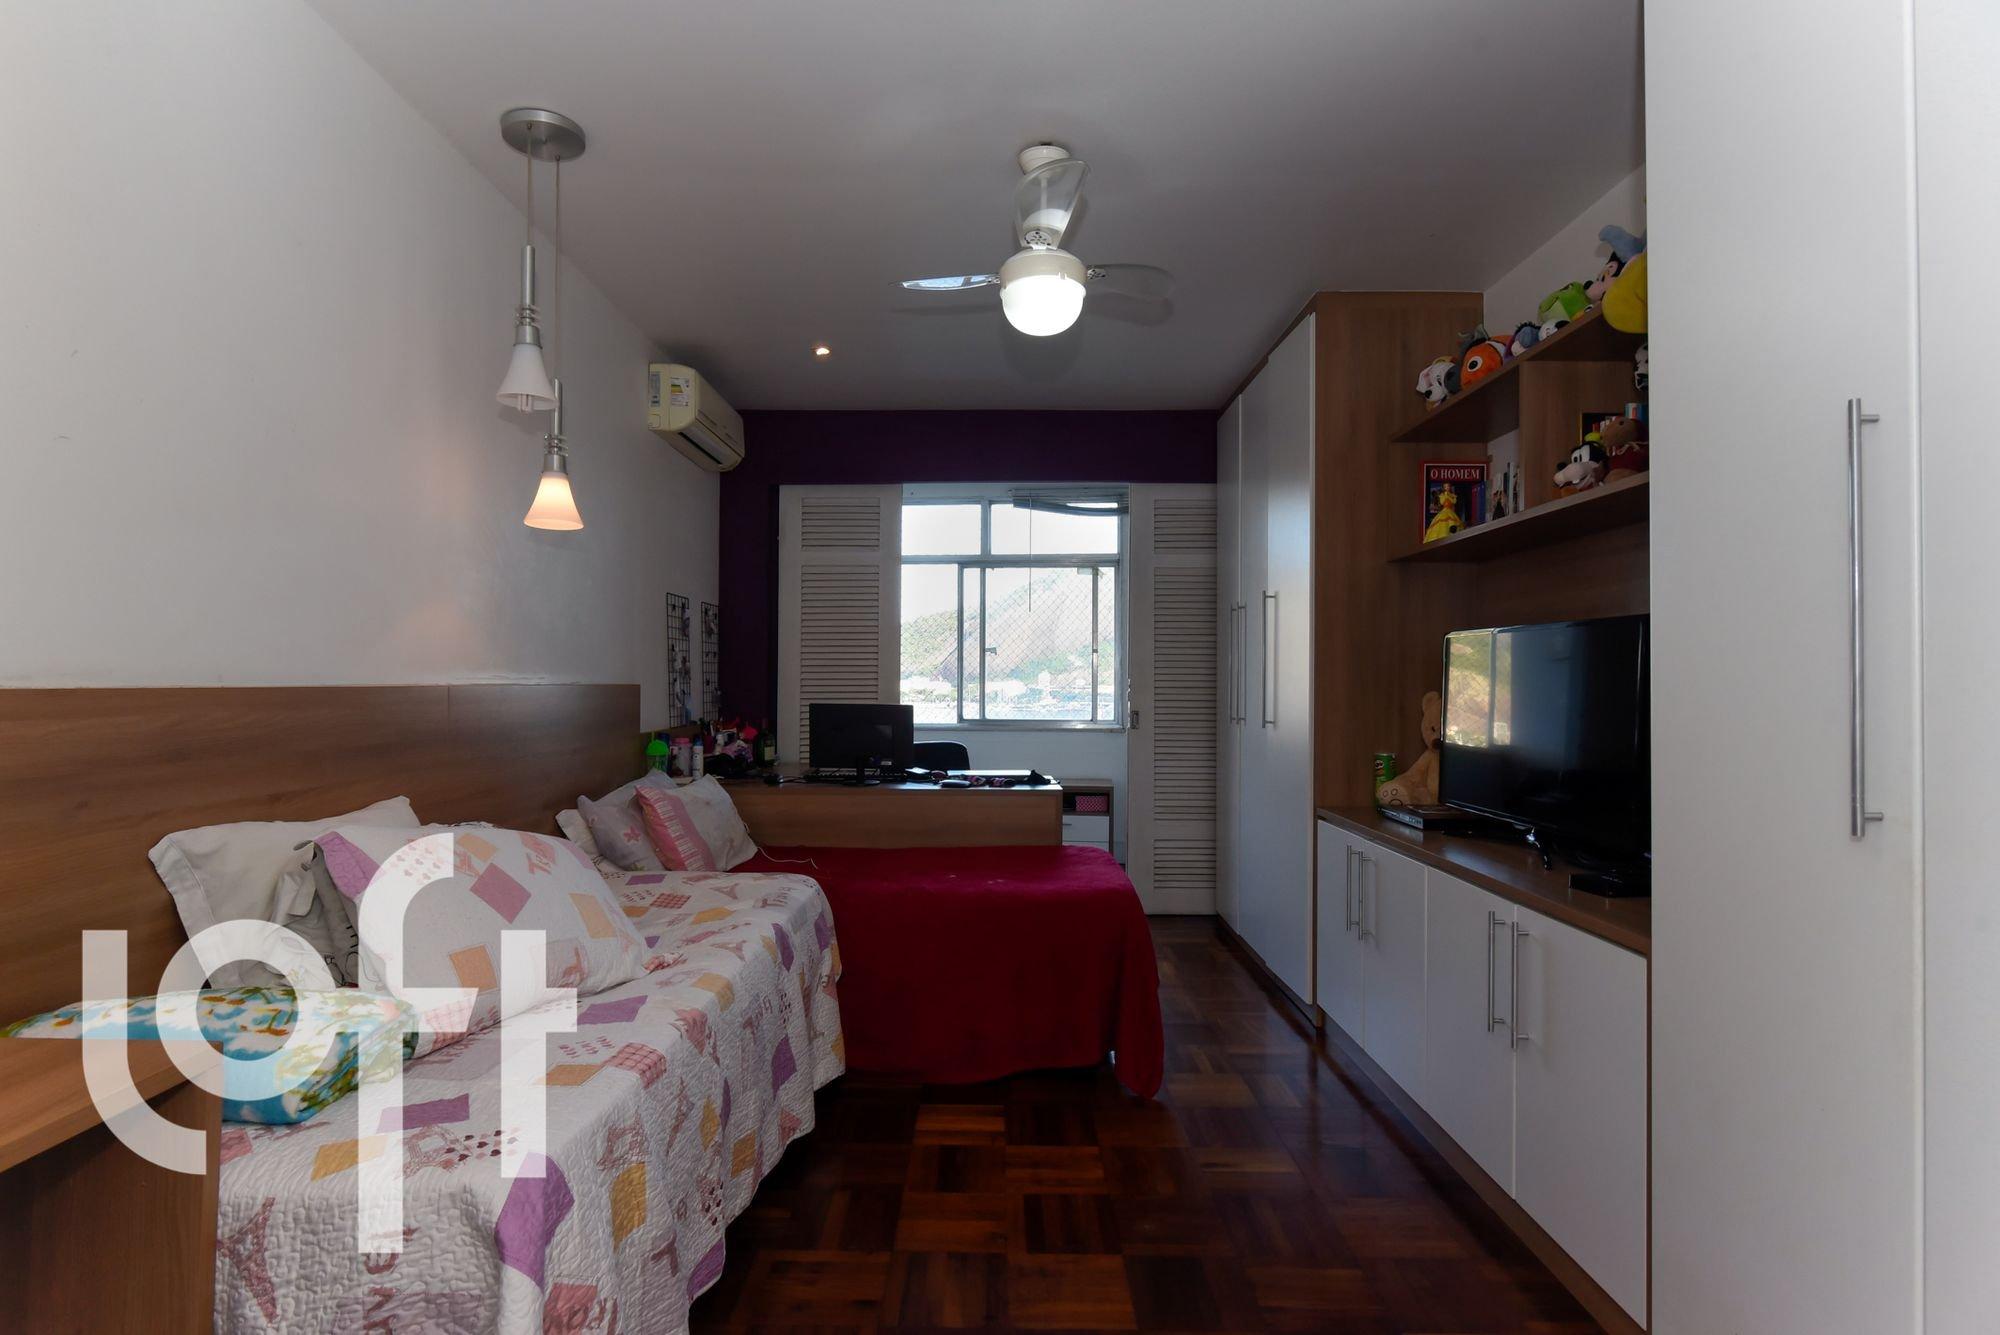 Foto de Quarto com cama, sofá, televisão